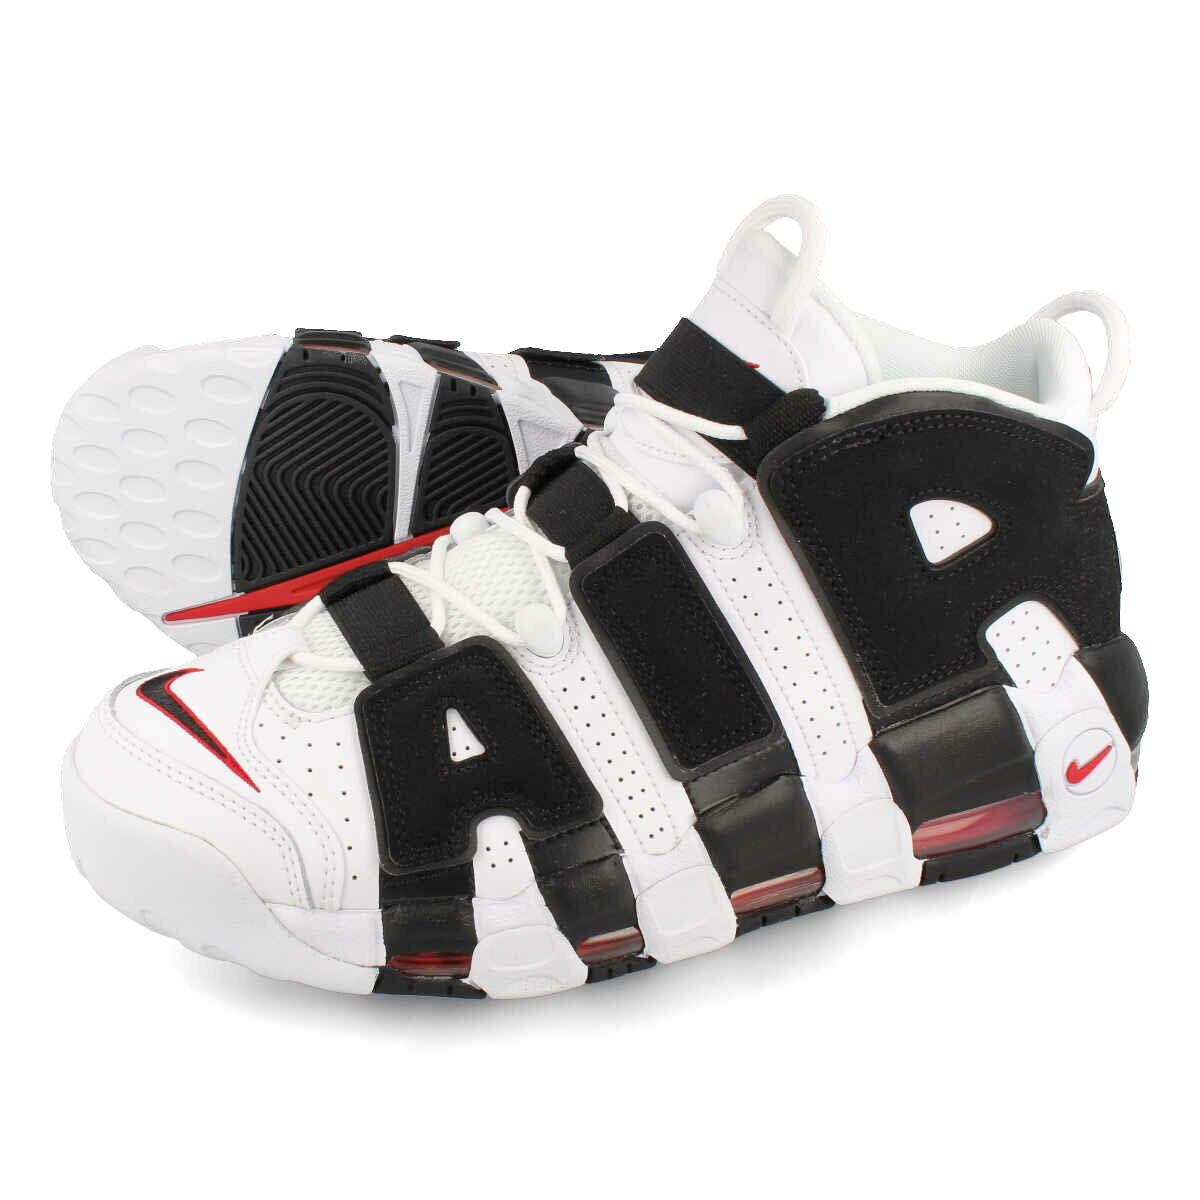 メンズ靴, スニーカー  NIKE AIR MORE UPTEMPO WHITEBLACKVARSITY RED 414962-105